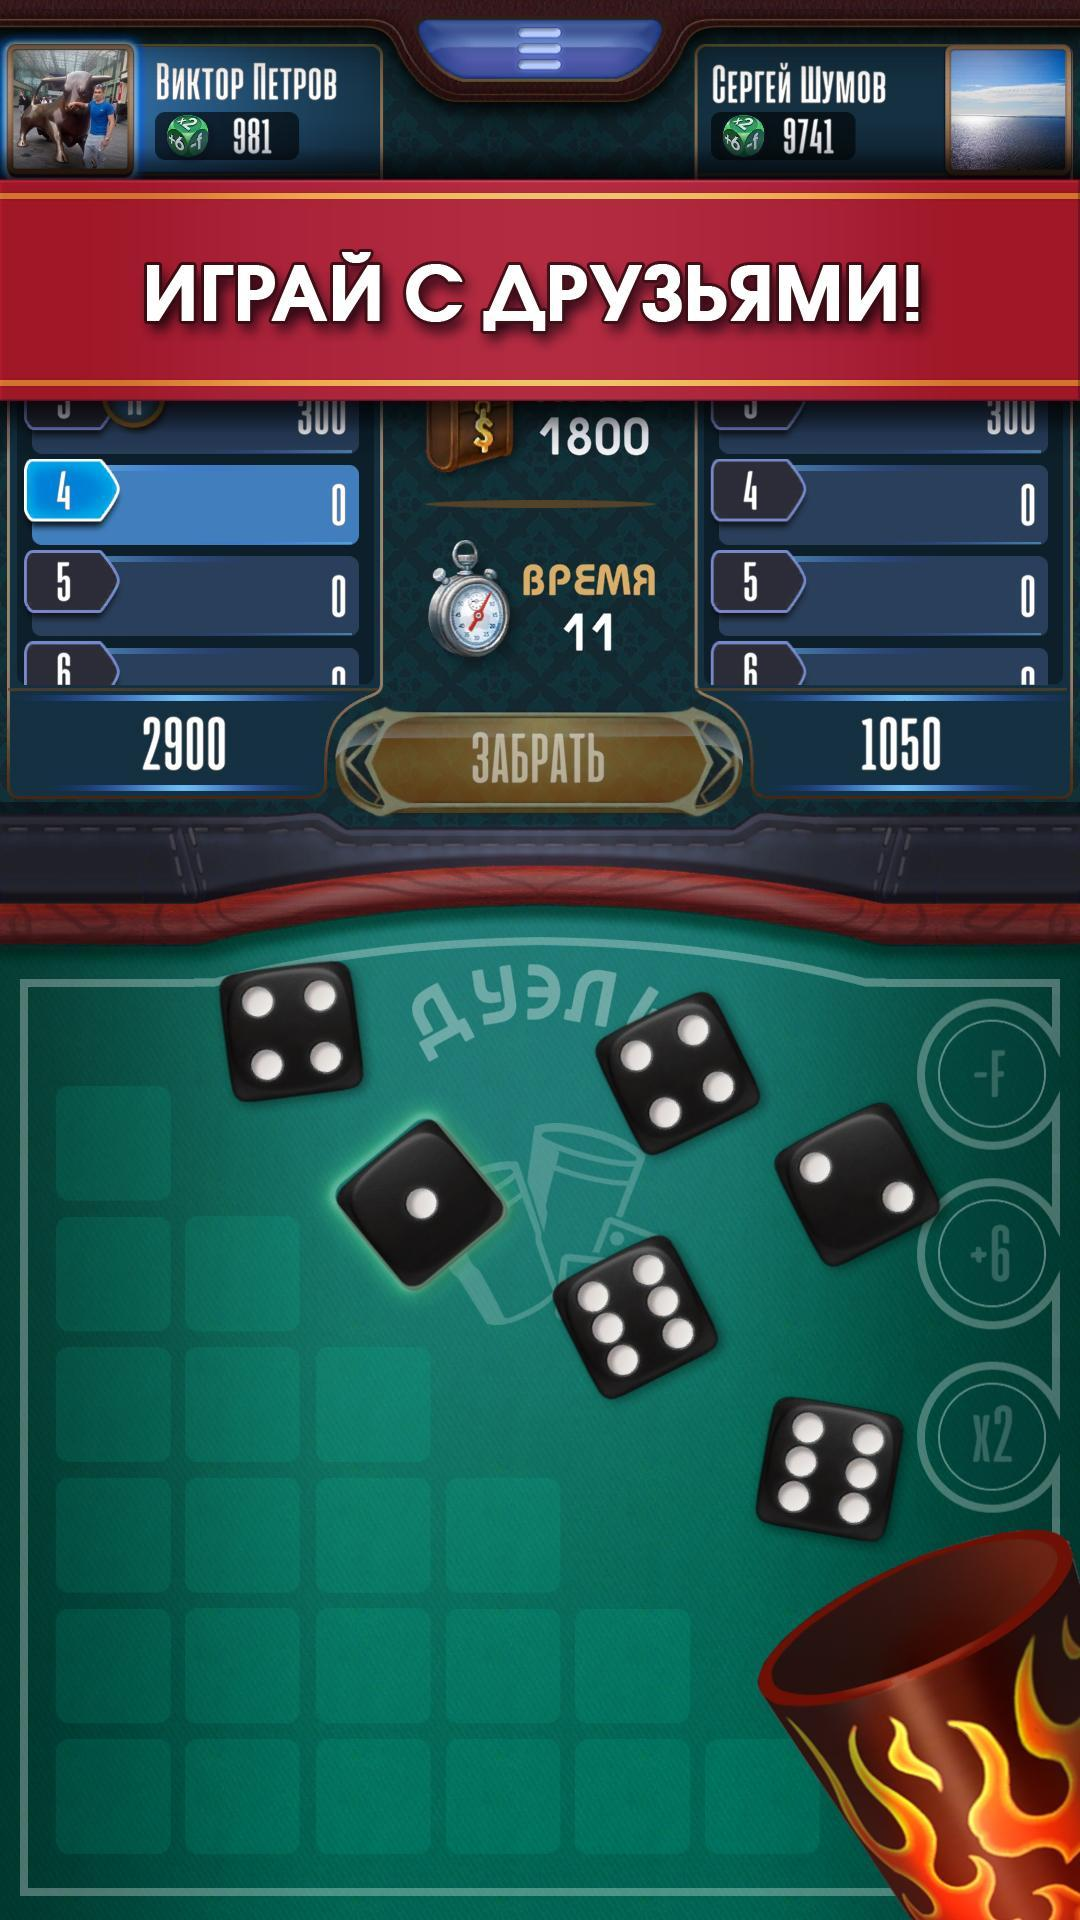 Скачать игру покер на андроид бесплатно не онлайн знакомство в онлайн казино